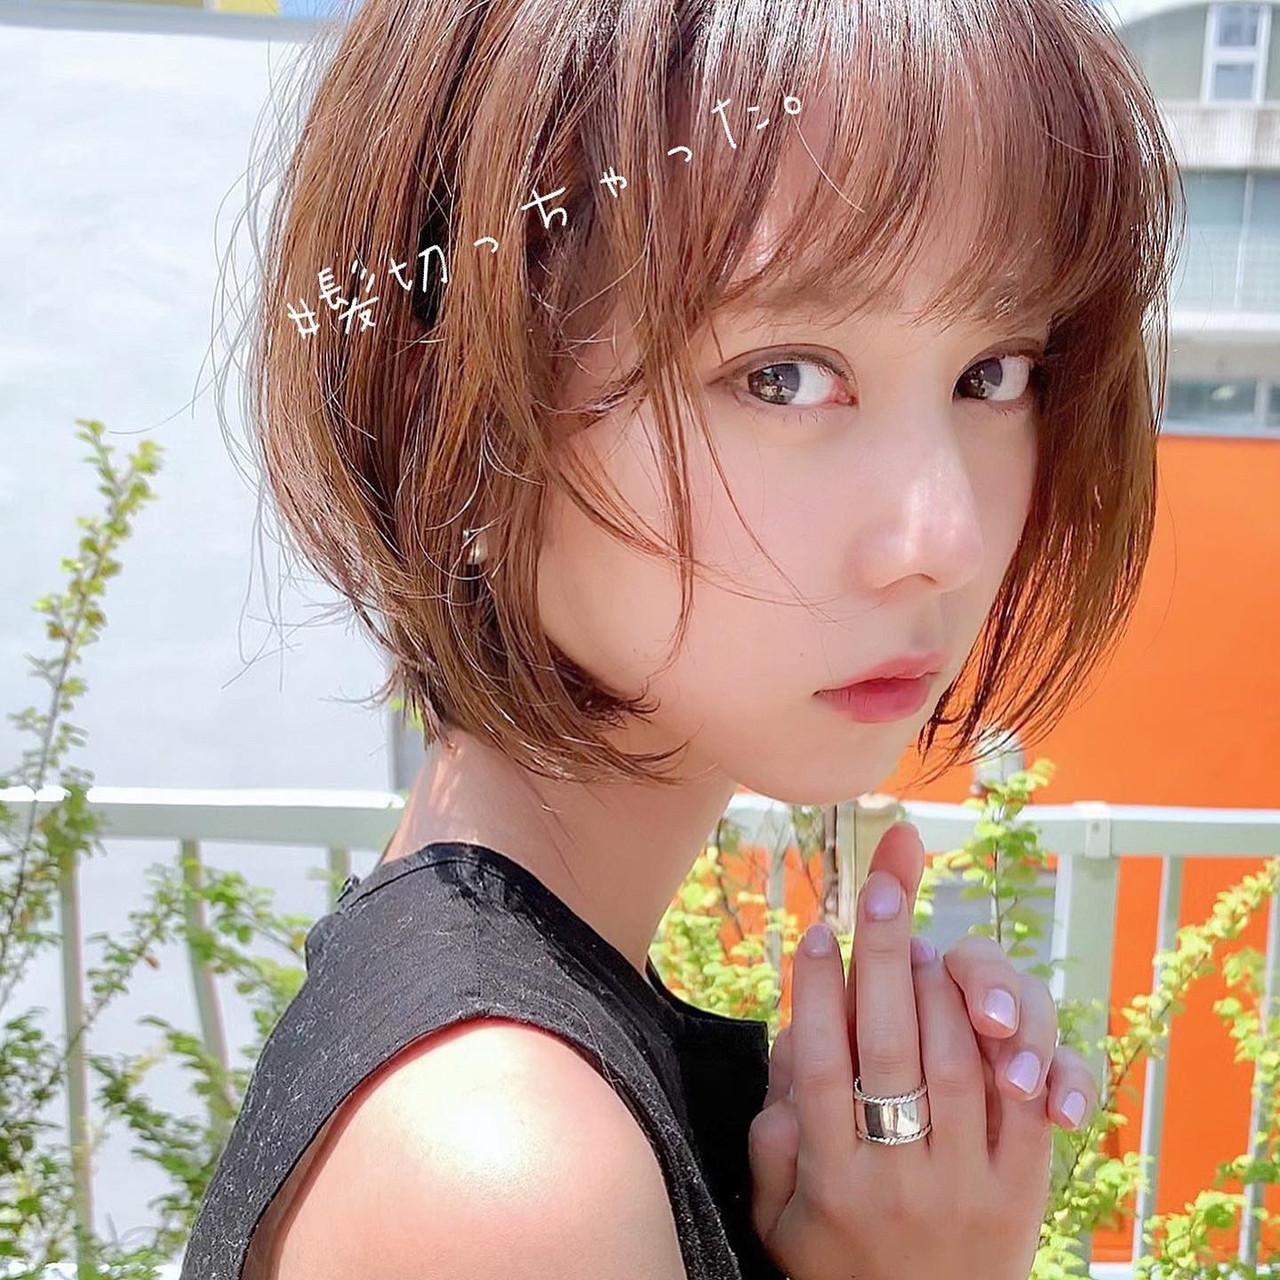 デート ナチュラル ヘアアレンジ ショート ヘアスタイルや髪型の写真・画像 | ショートボブの匠【 山内大成 】『i.hair』 / 『 i. 』 omotesando